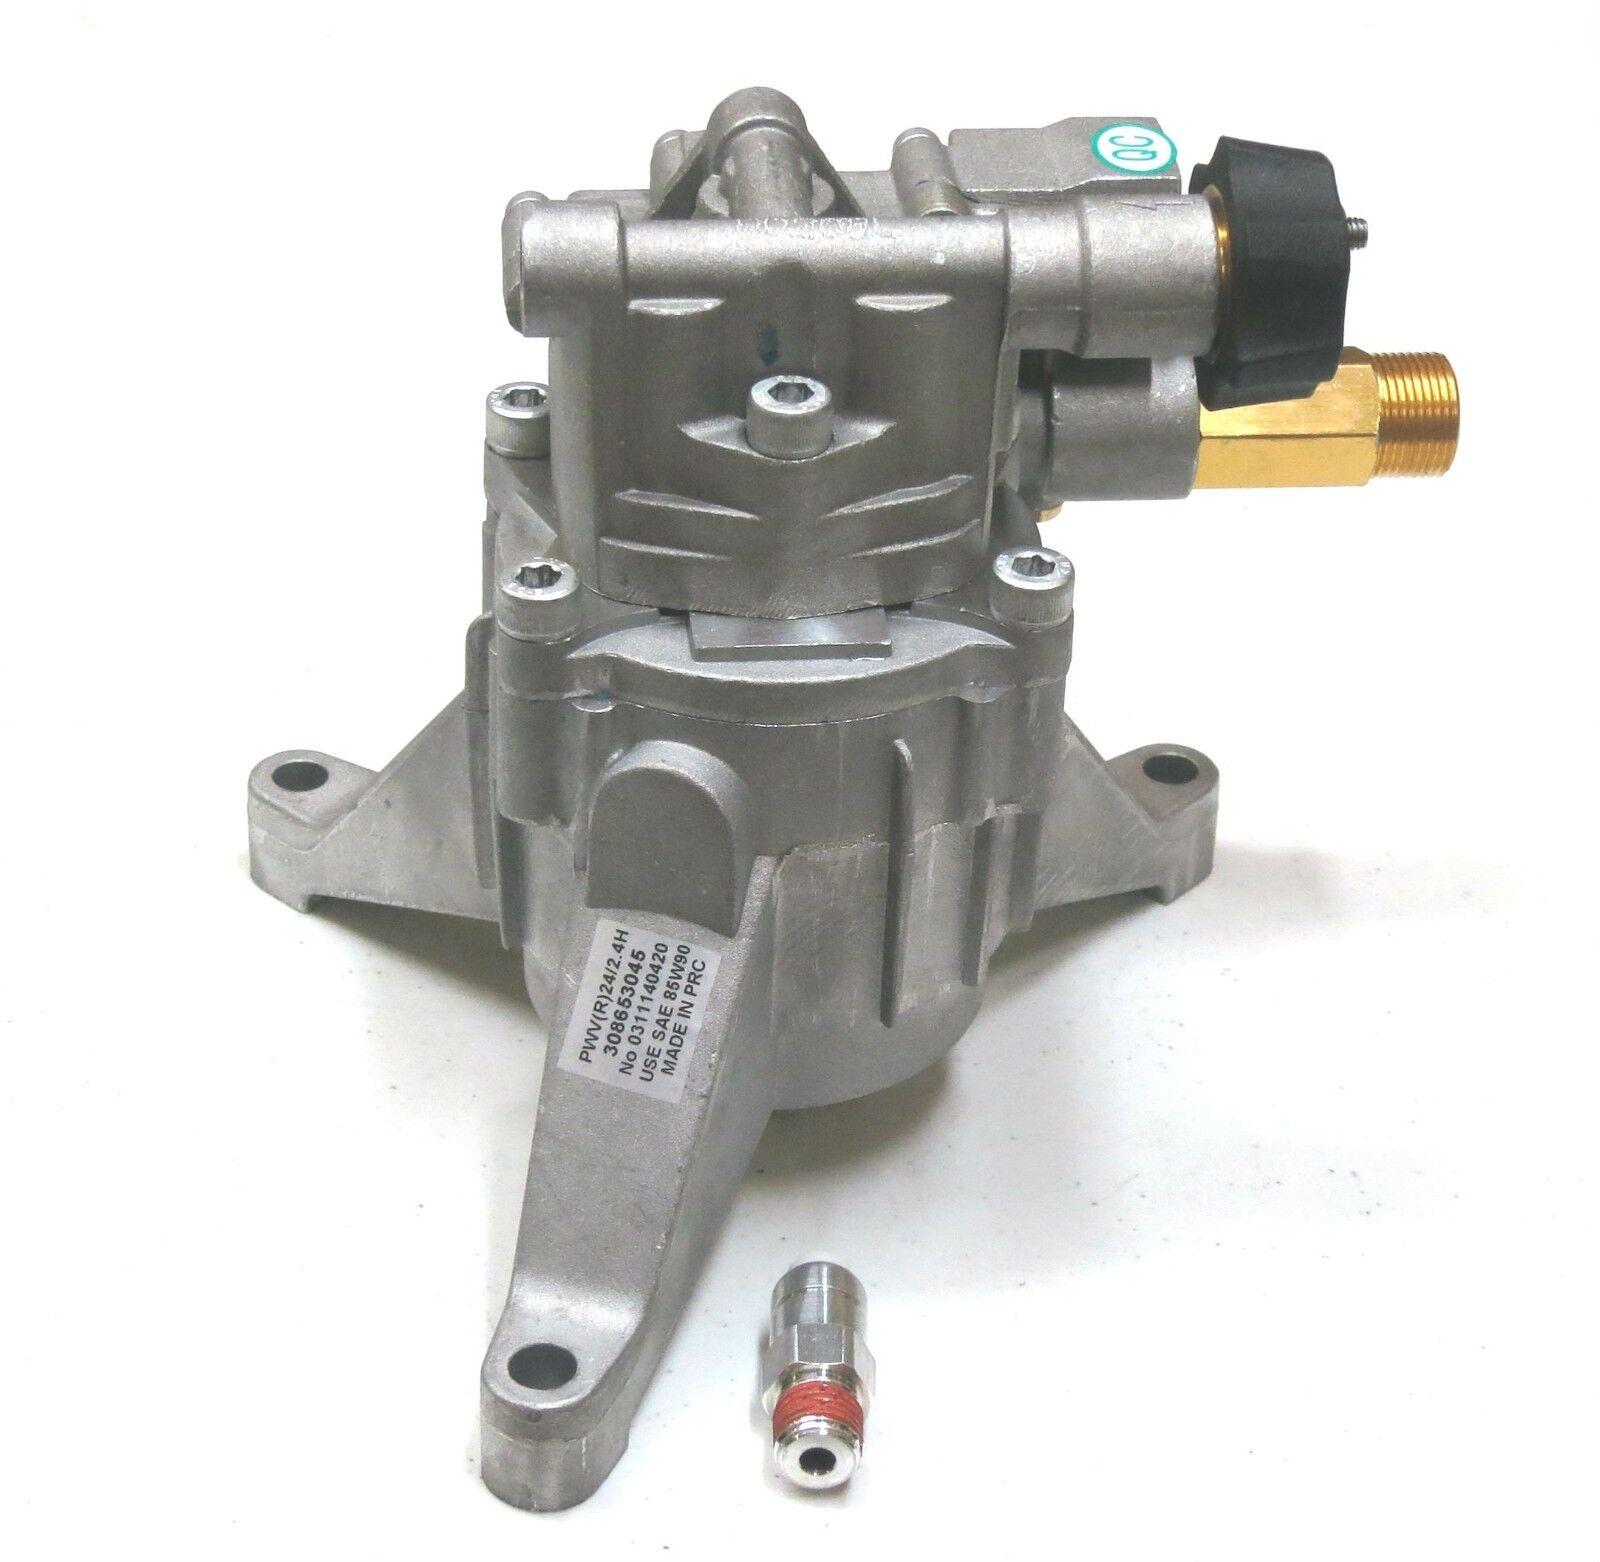 Pressure Washer Parts & Accessories Patio, Lawn & Garden ghdonat ...